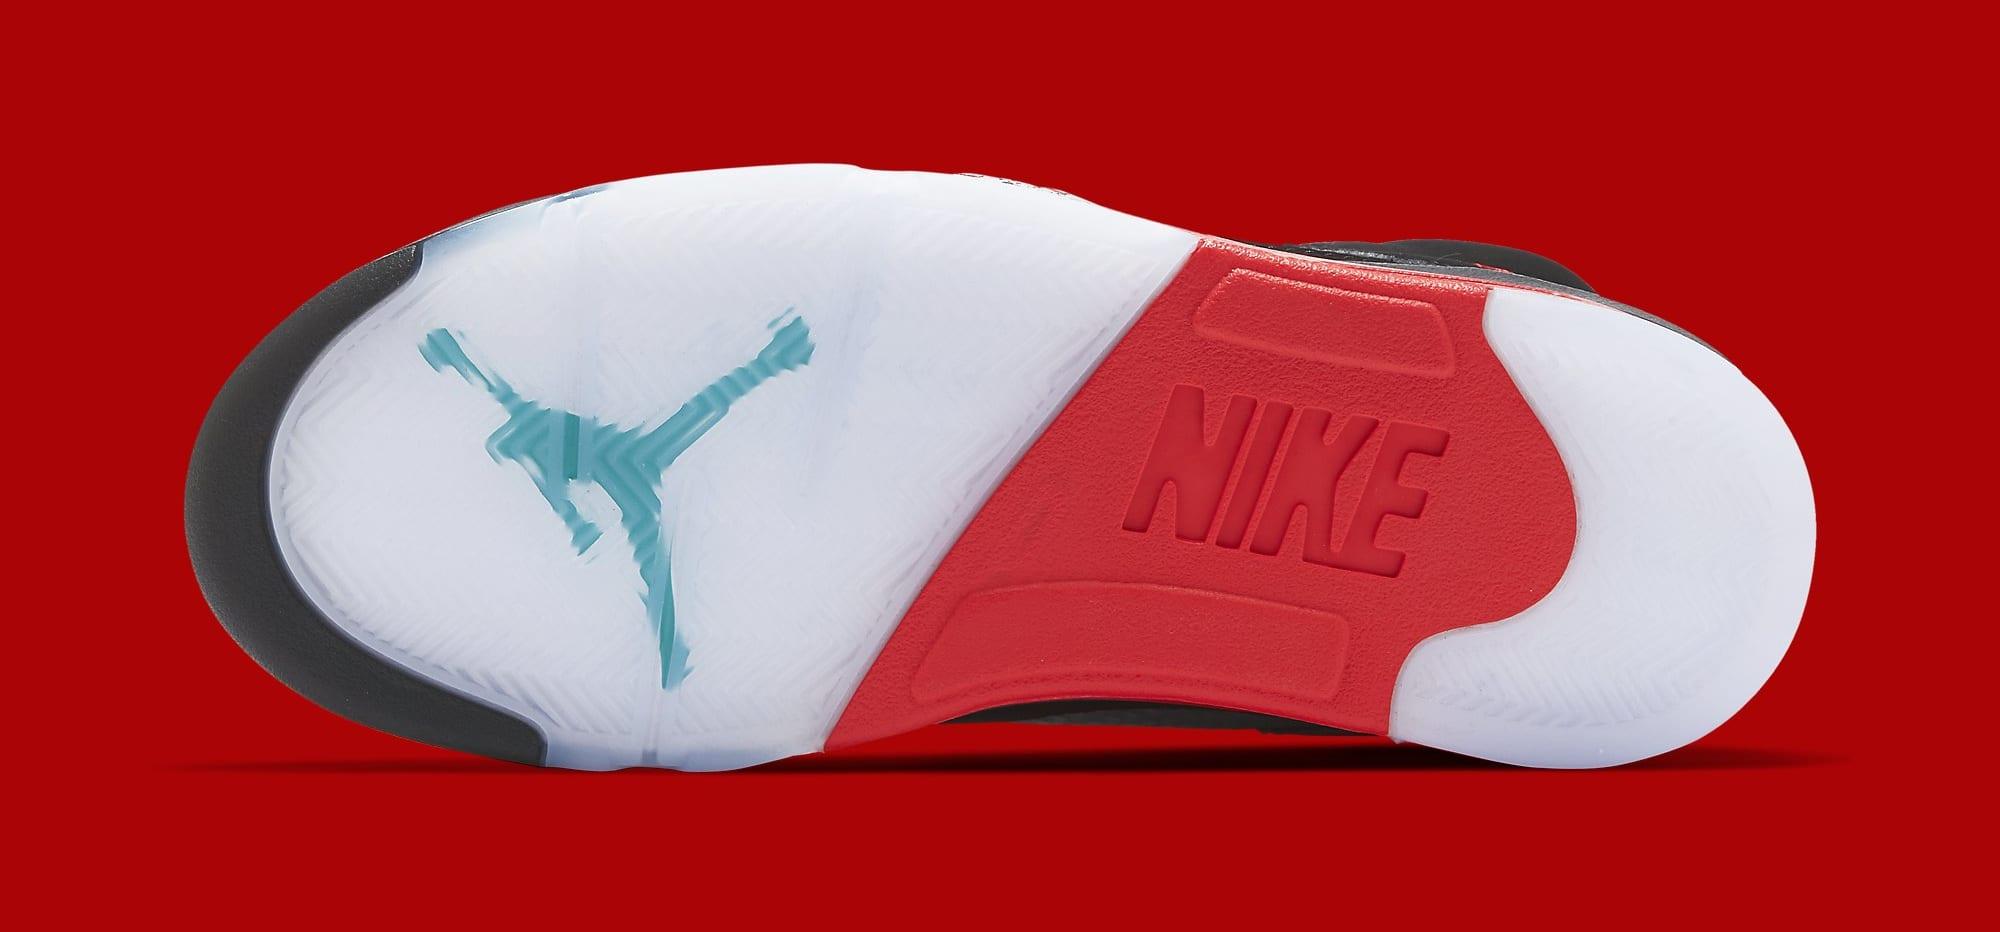 Best Look Yet at the 'Top 3' Air Jordan 5